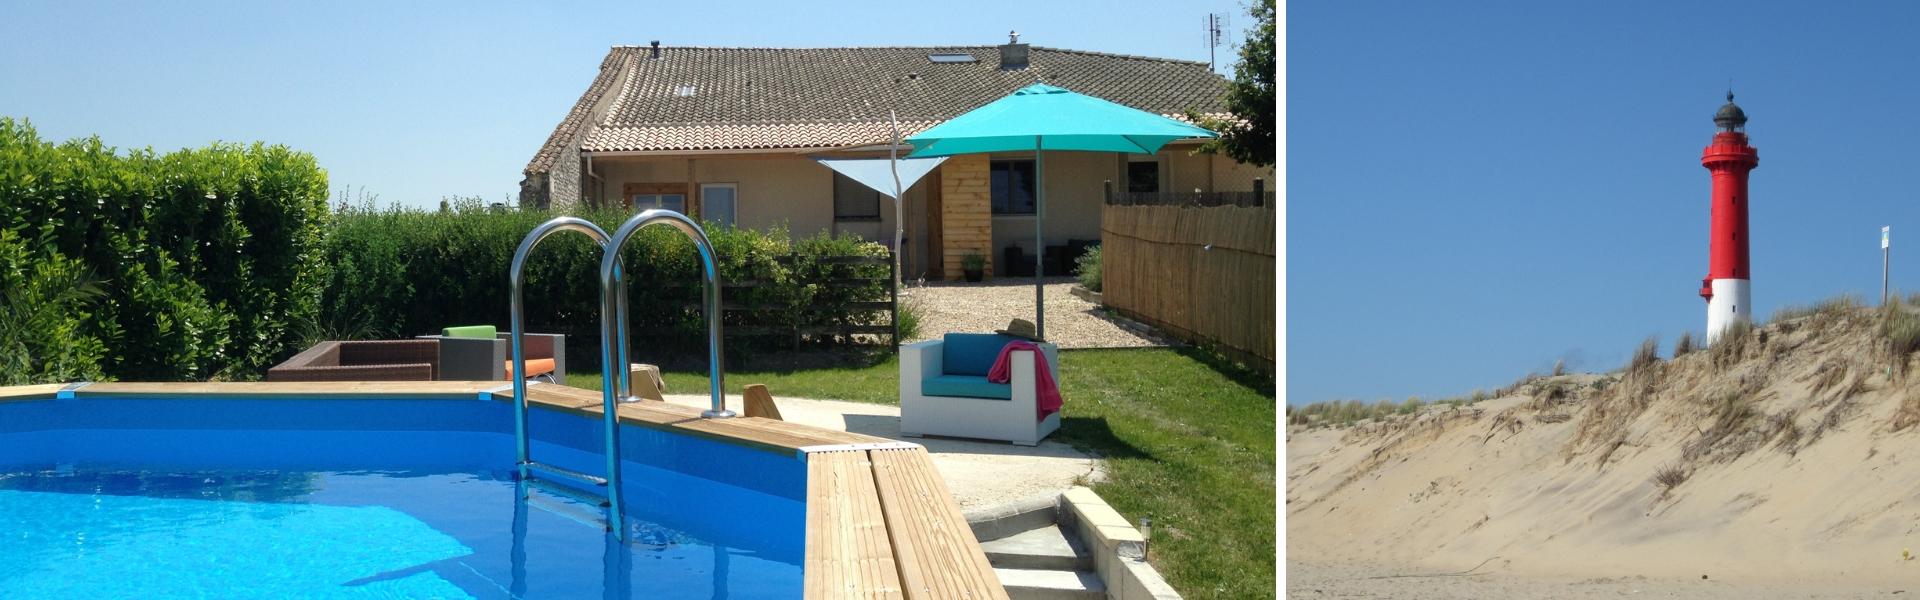 Vakantie in Zuid Frankrijk